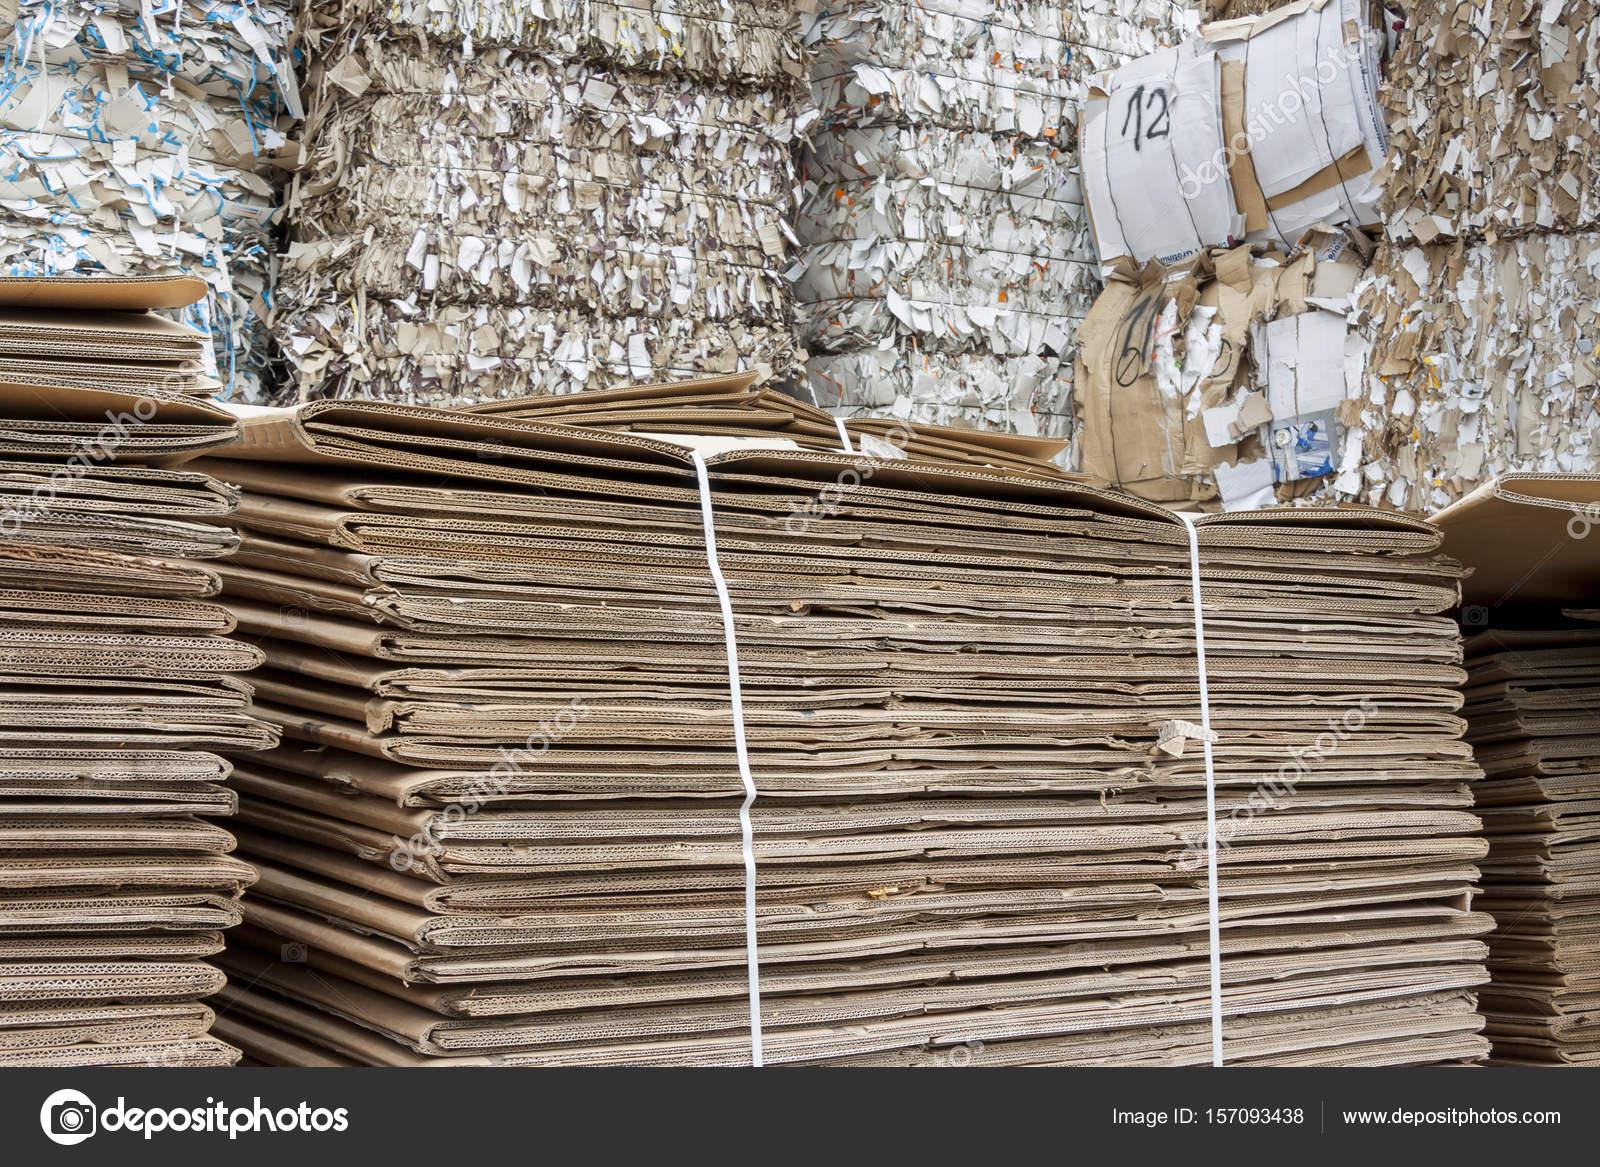 Переработка макулатуры в дрова прием макулатуры учет